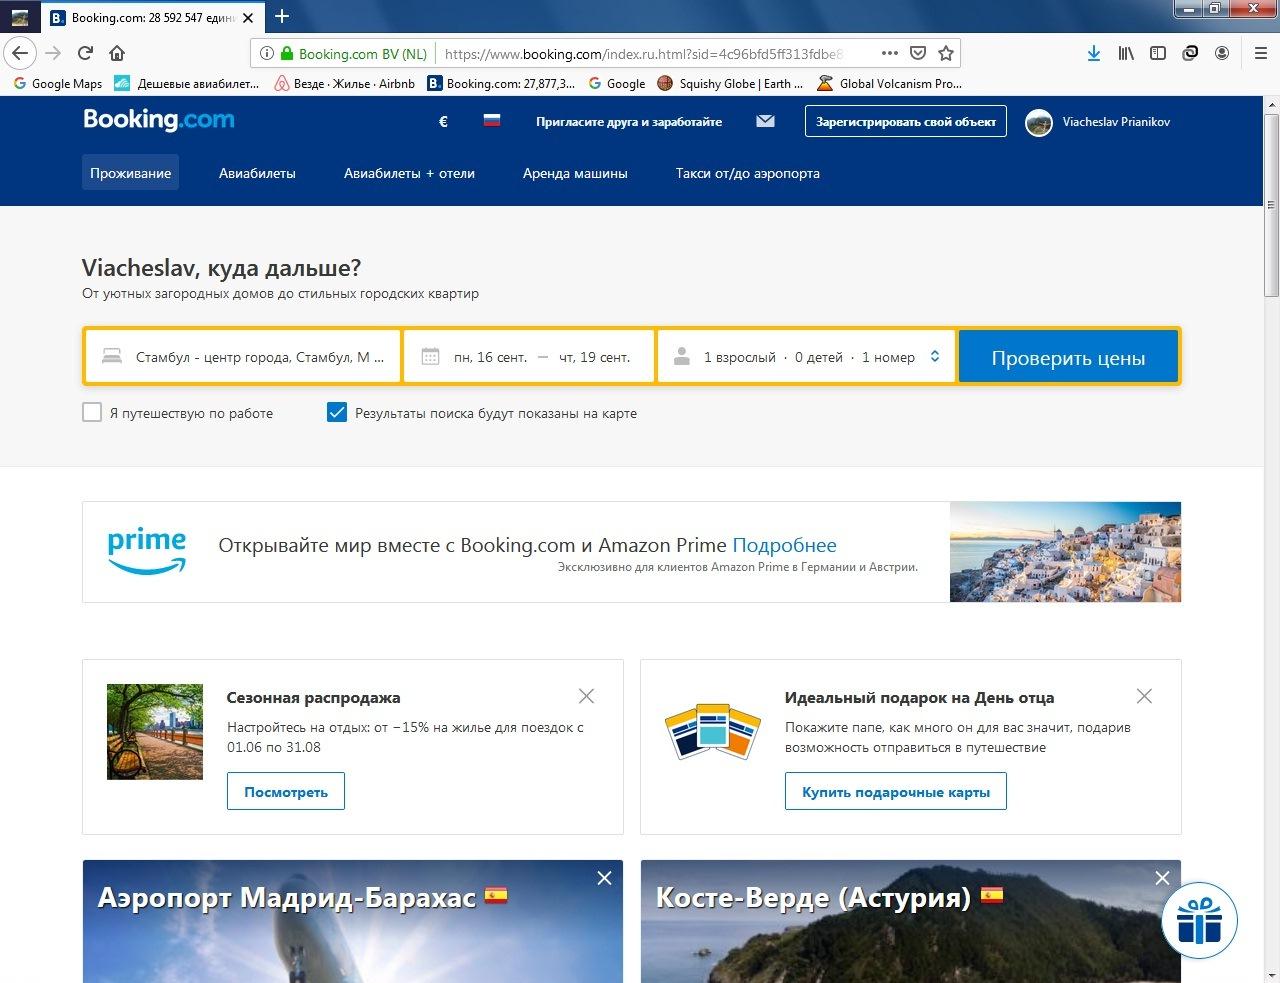 бронировать на booking.com, забронировать отель